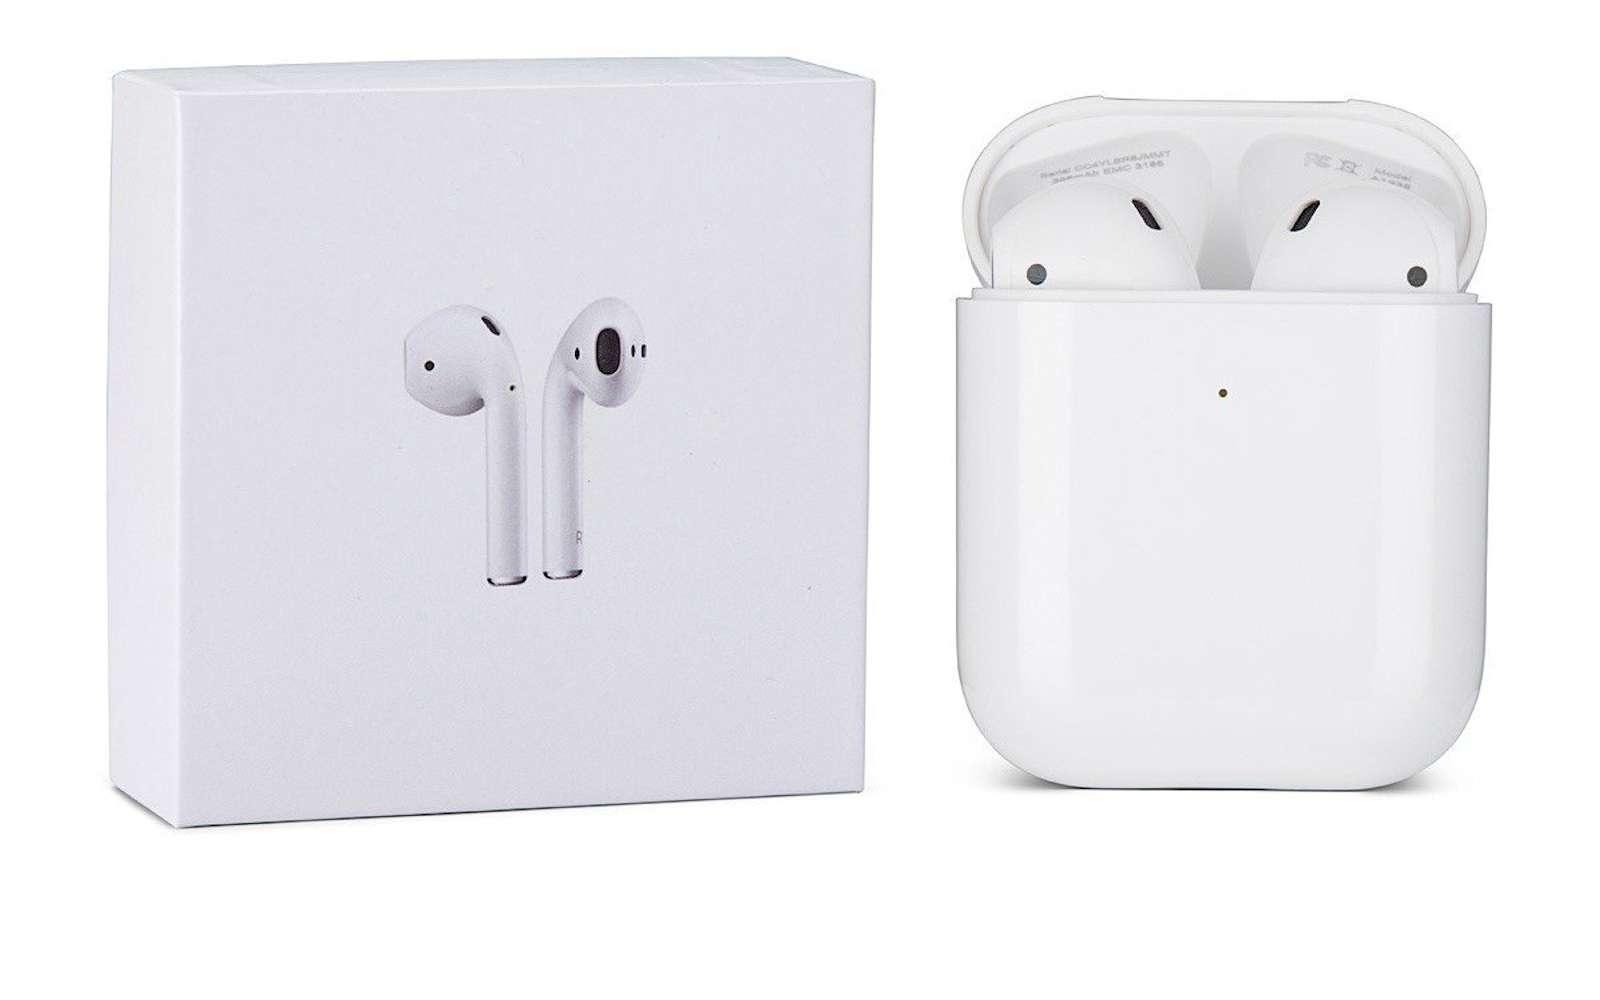 Écouteurs sans fil, chargeurs, câbles... Le vrai danger des faux...